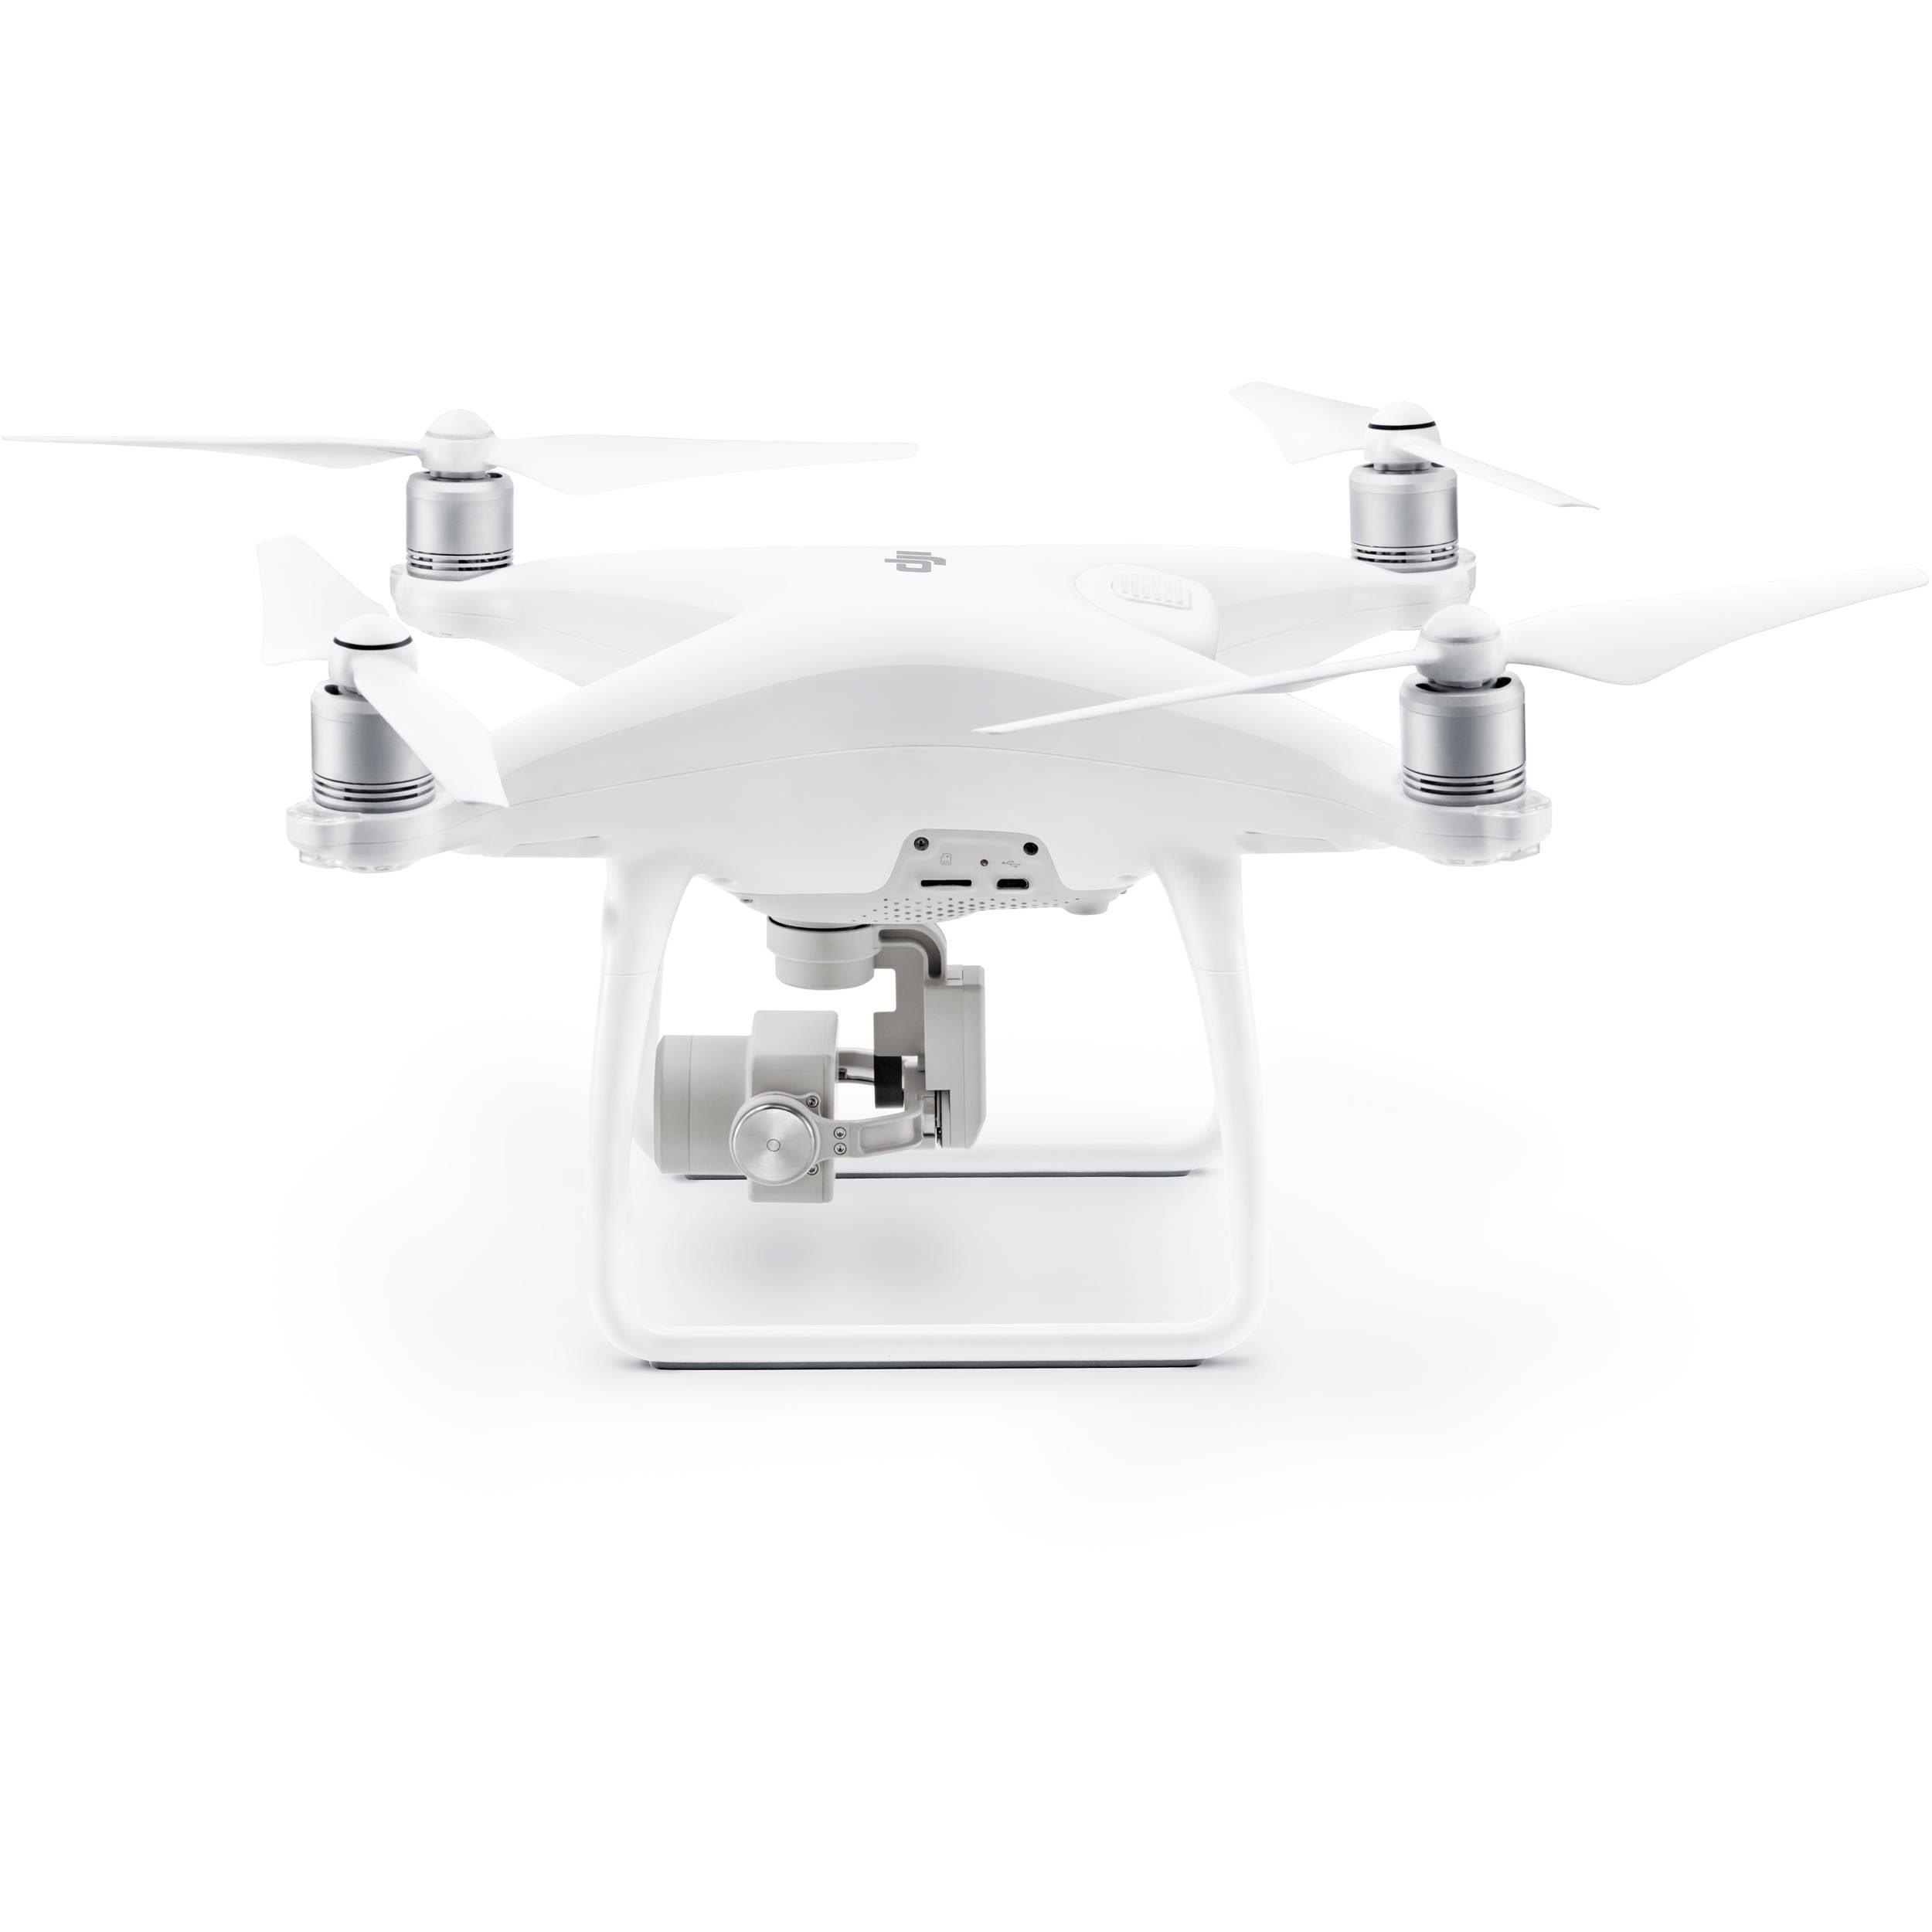 DJI Phantom 4 Quadcopter Drone Bundle avec le fabricant Accessoires + suppl?mentaire DJI Intelligent Card Flight + batterie + M?moire 32Go Sac ? dos pour DJI Phantom Drones + SSE ? distance / ?metteur - image 3 de 7